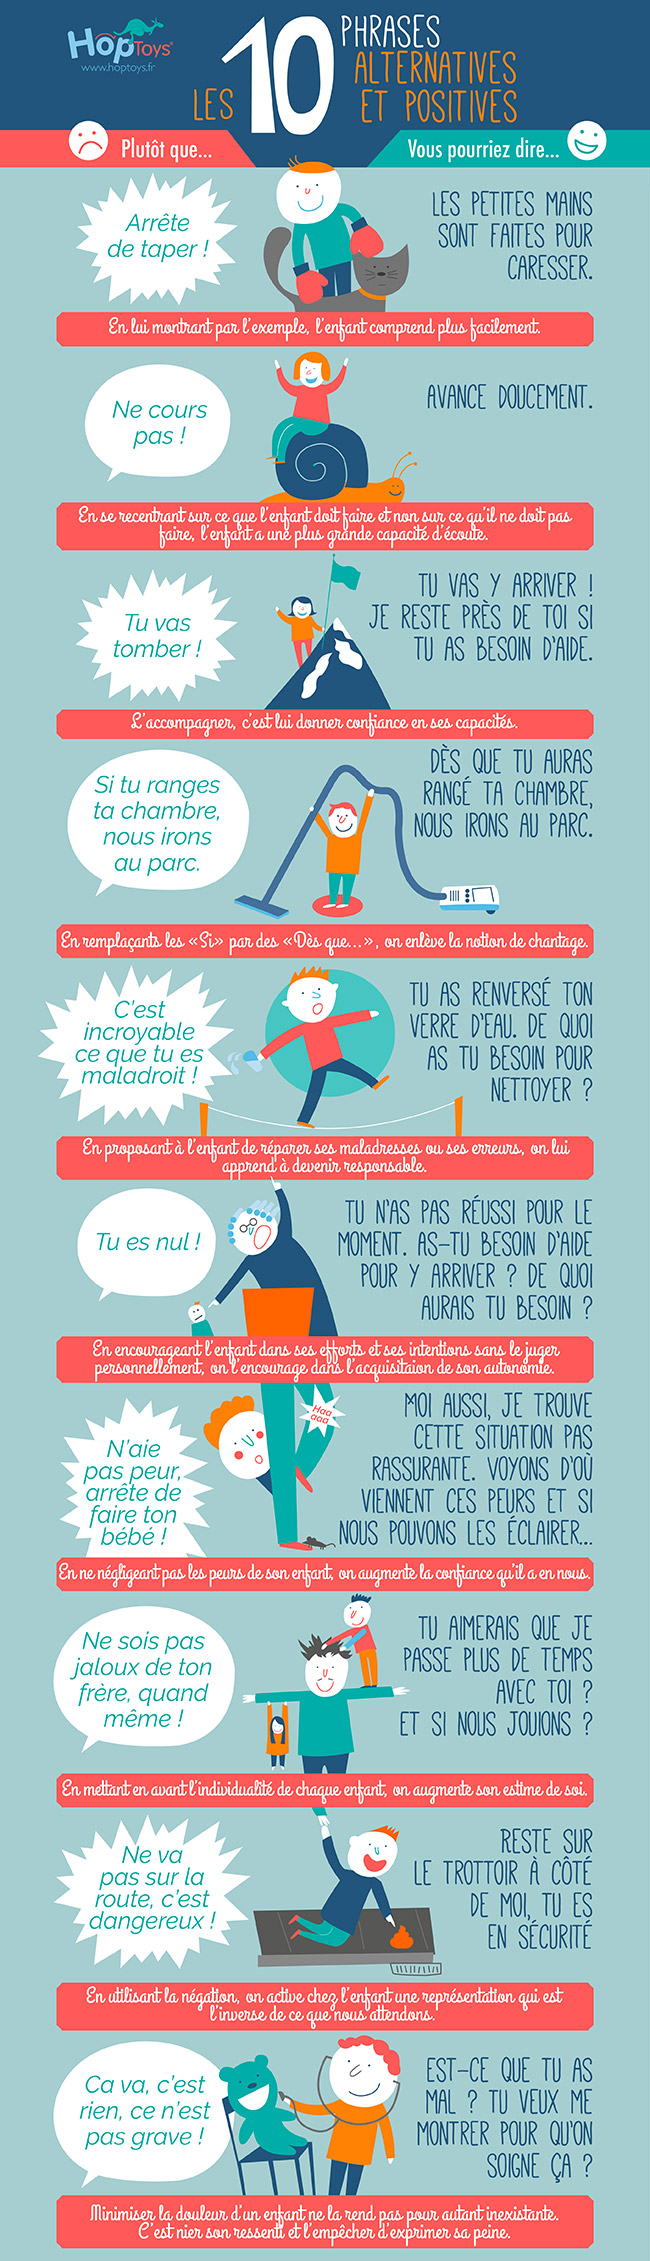 infographie : 10 phrases alternatives, positives et bienveillantes